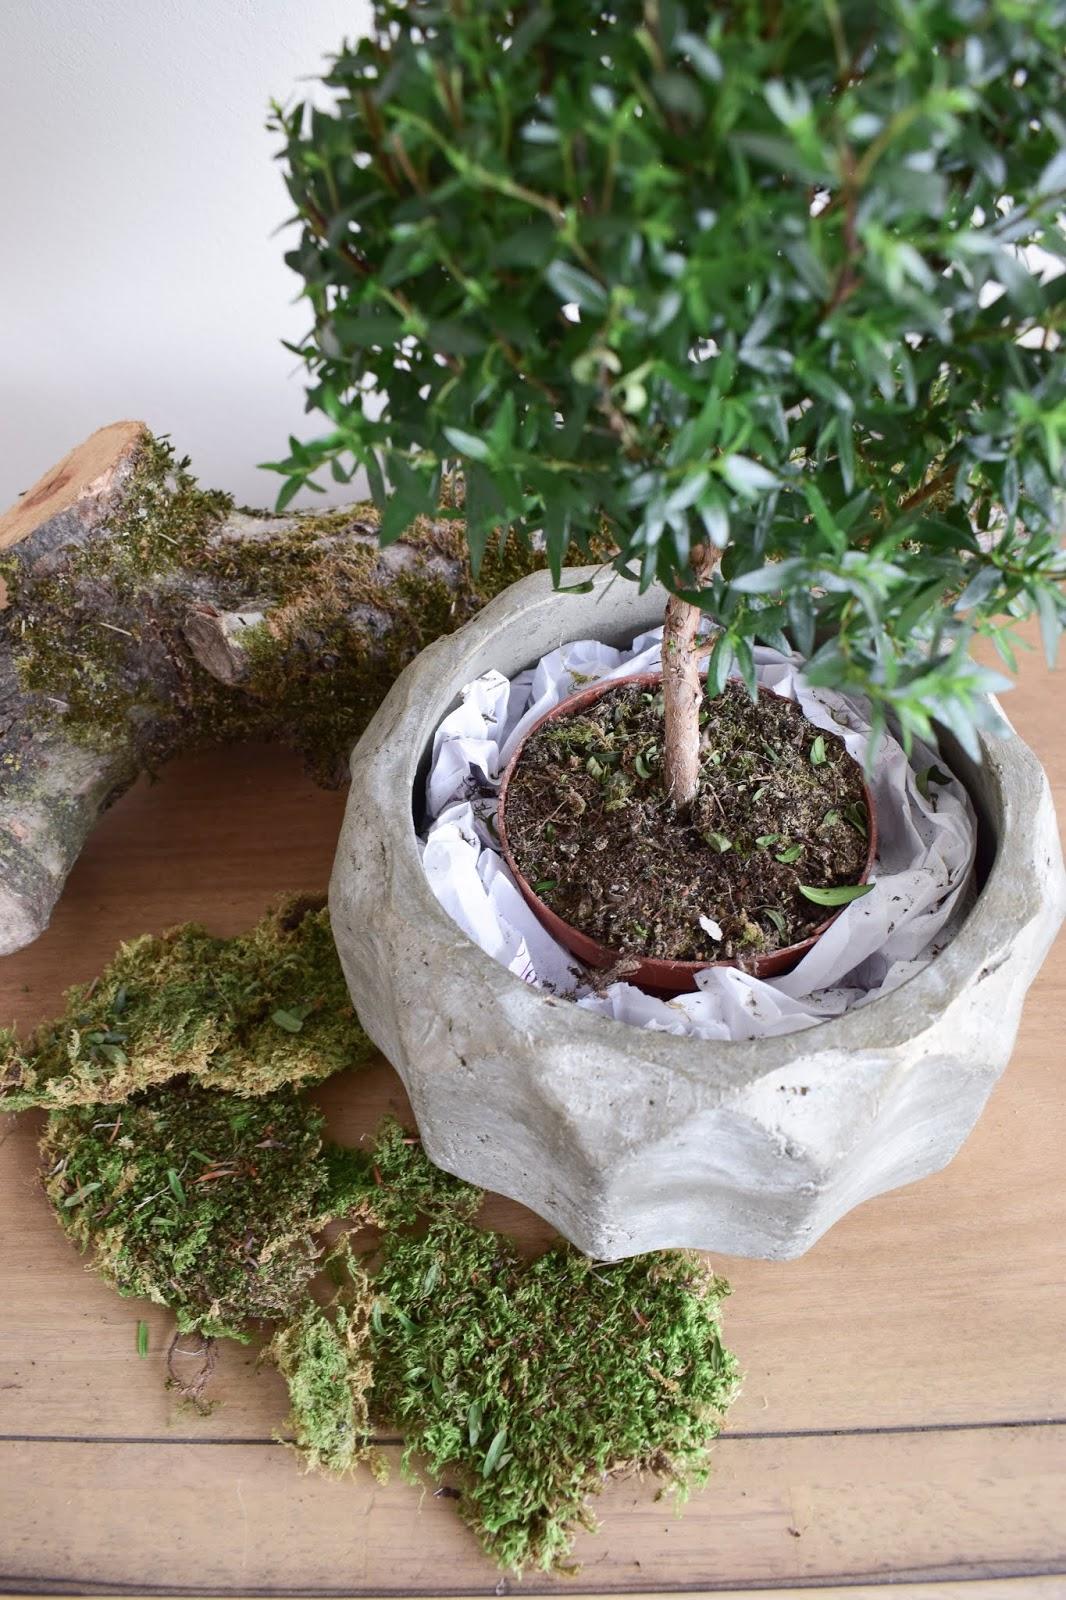 Deko mit Moos: Naturdeko mit Topfpflanze: Verschönerung Übertopf Zimmerpflanze mit Moos Eukalyptus Schleierkraut. Myrte Dekoidee Deko Dekoration Übertopf natürlich dekorieren einfach selbermachen